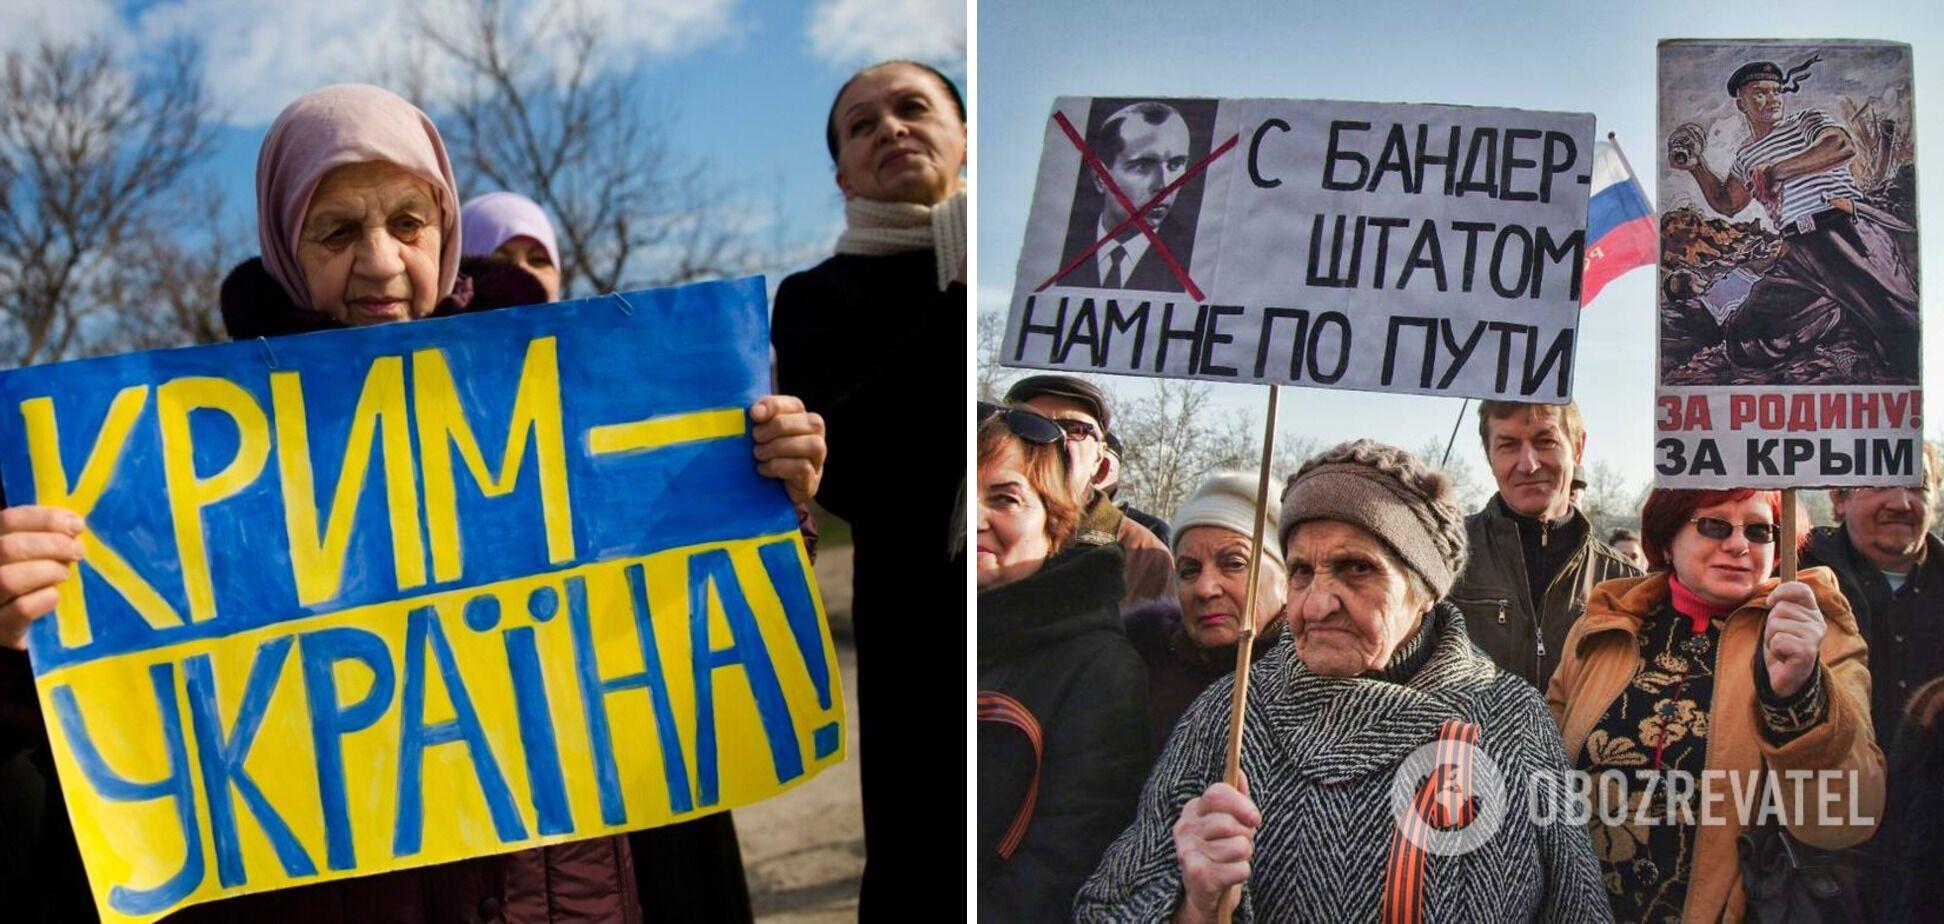 Новости Крымнаша. Россия поняла сразу: крымчане, пожившие при Украине, очень отличаются от россиян